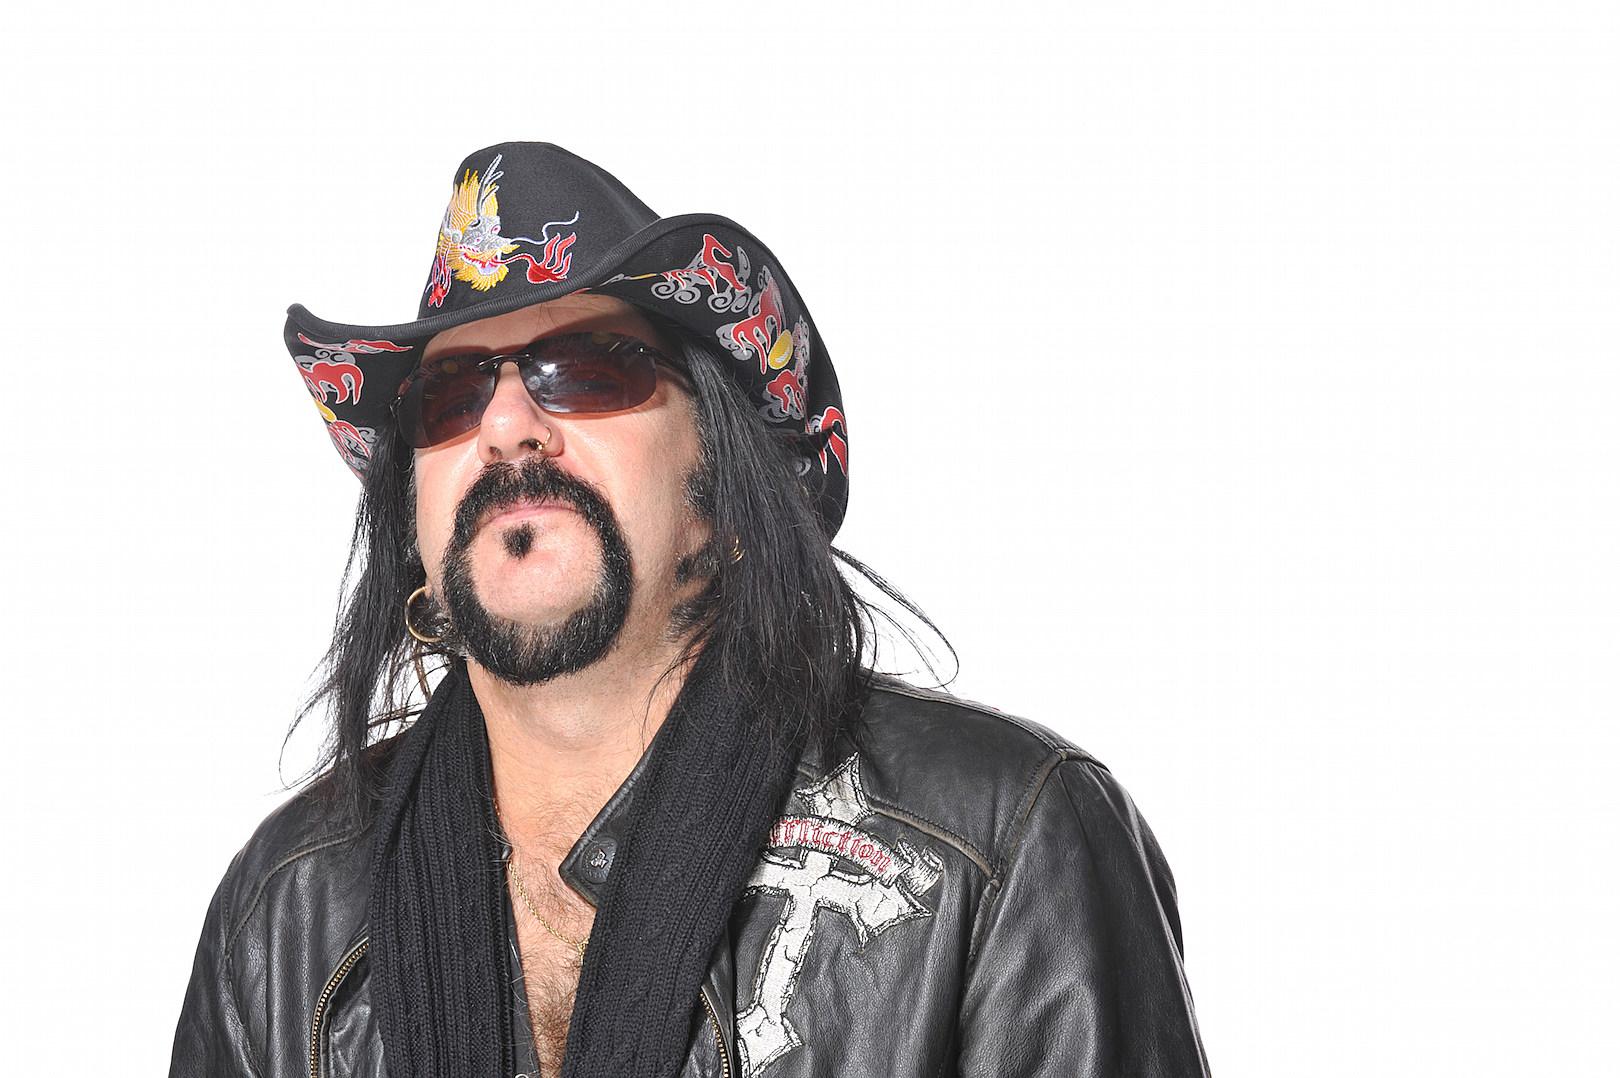 Pantera Legend Vinnie Paul Dead at 54